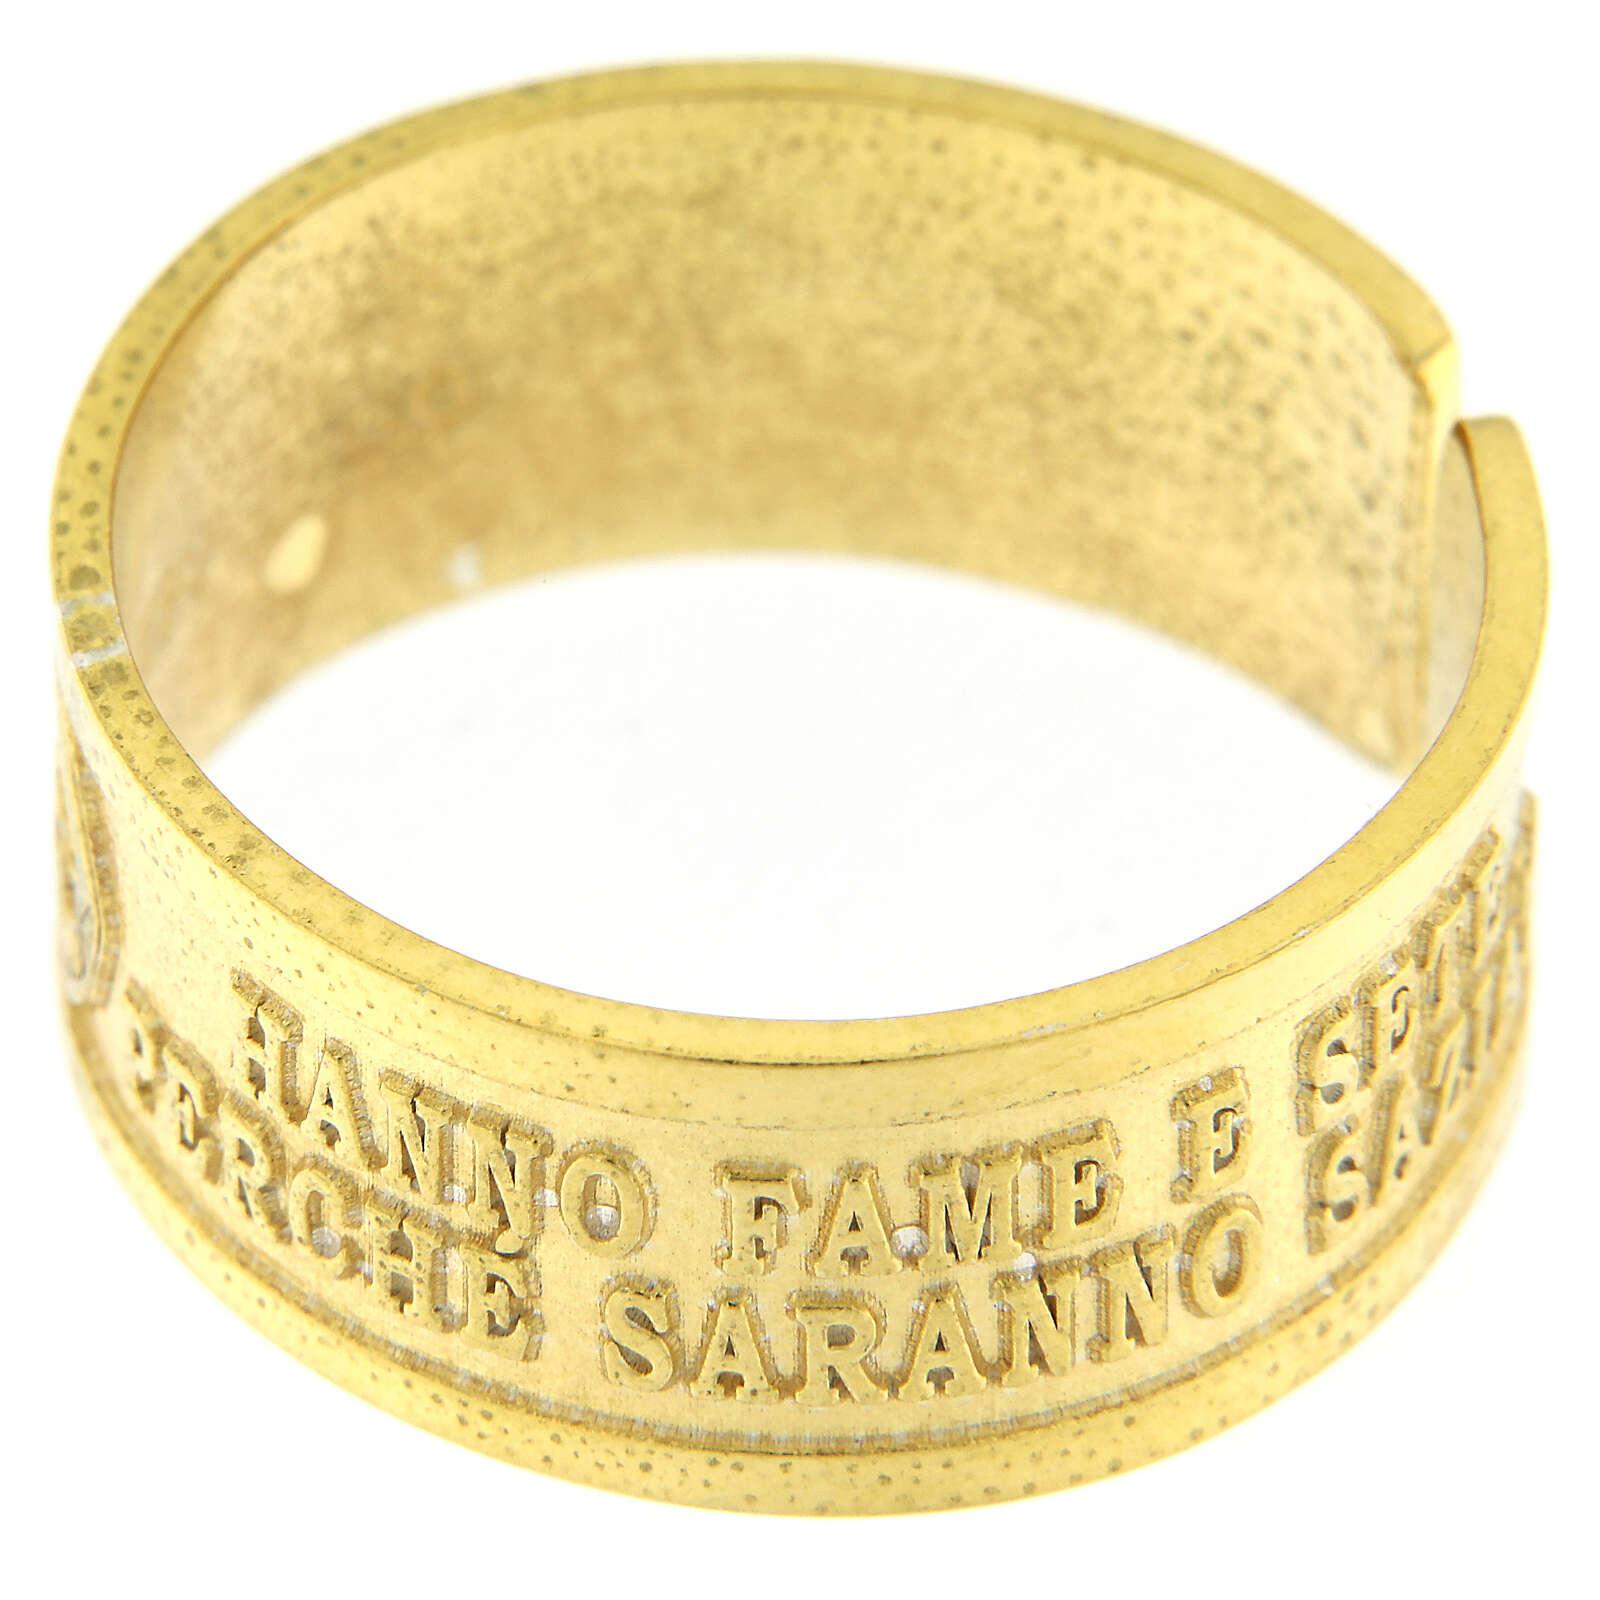 Anillo Fame y Sete di Giustizia plata 925 dorada con apertura 3